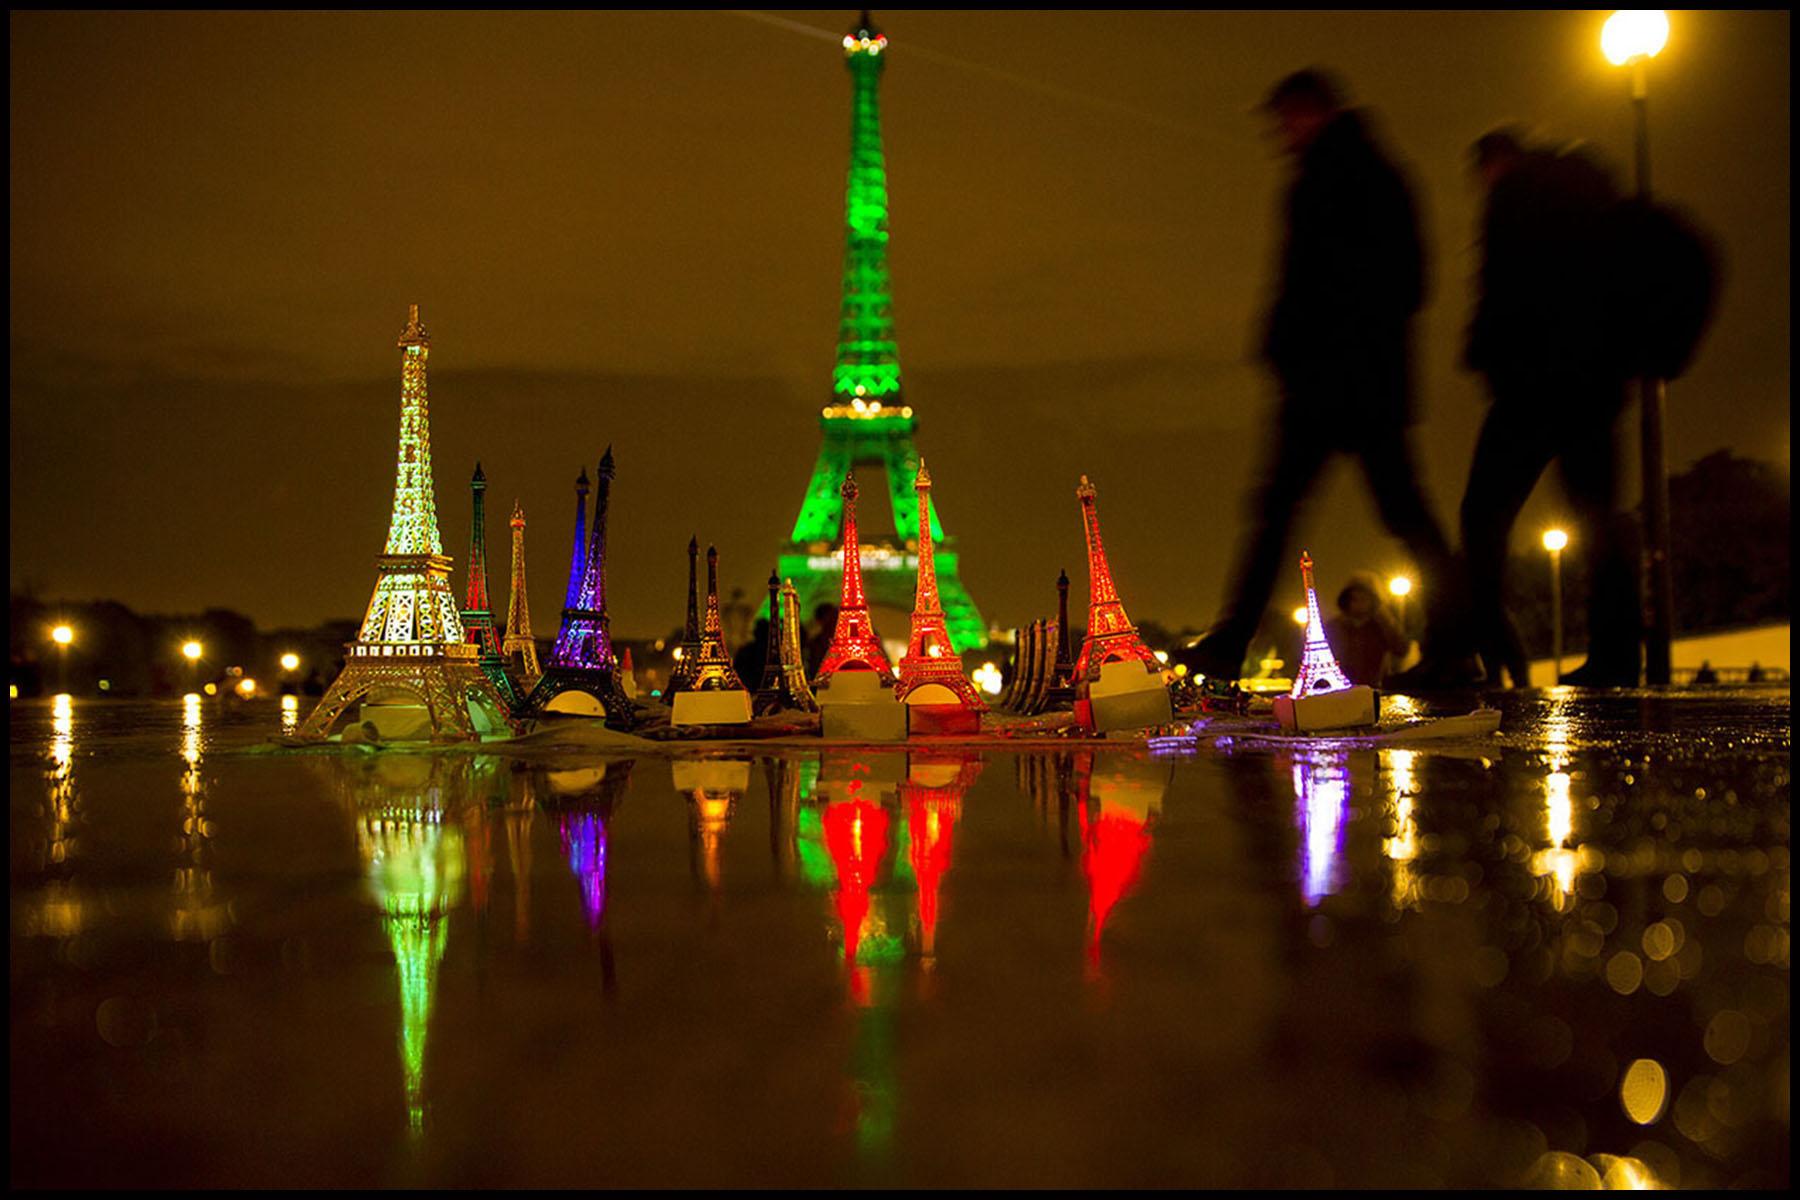 La Tour Eiffel et  l'Arc de Triomphe s'illuminent en vert pour  célébrer l'entrée en vigueur de l'accord de Paris sur le climat, conclu lors de la COP21.